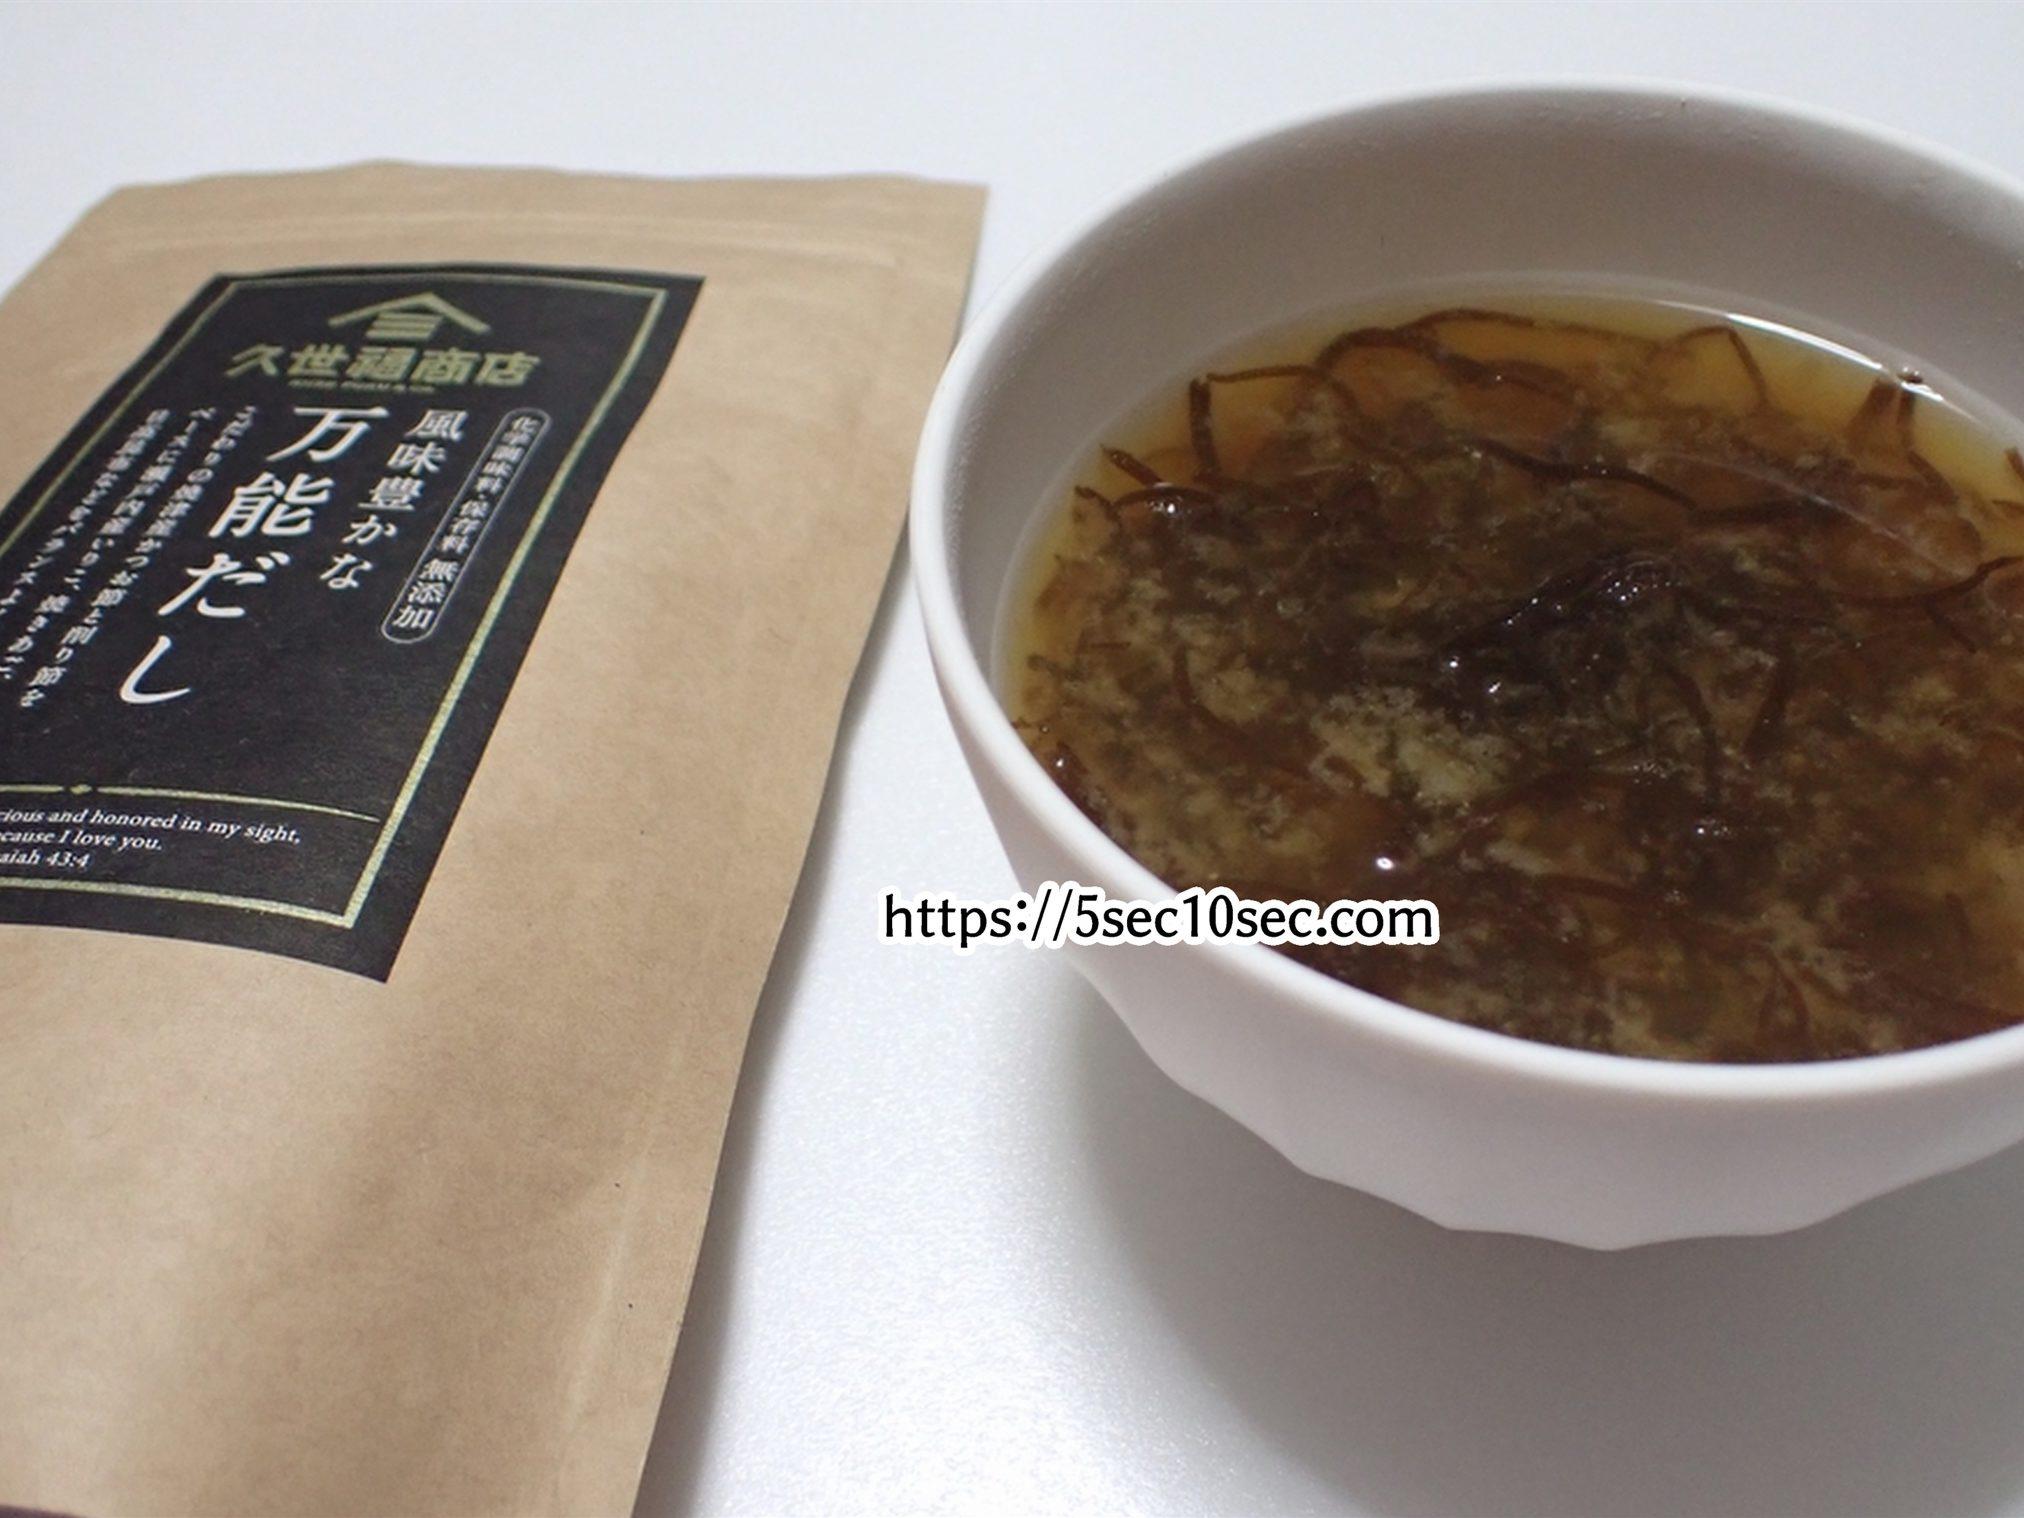 サンクゼール株式会社 久世福商店 風味豊かな 万能だし 使用例 レシピ もずくの味噌汁